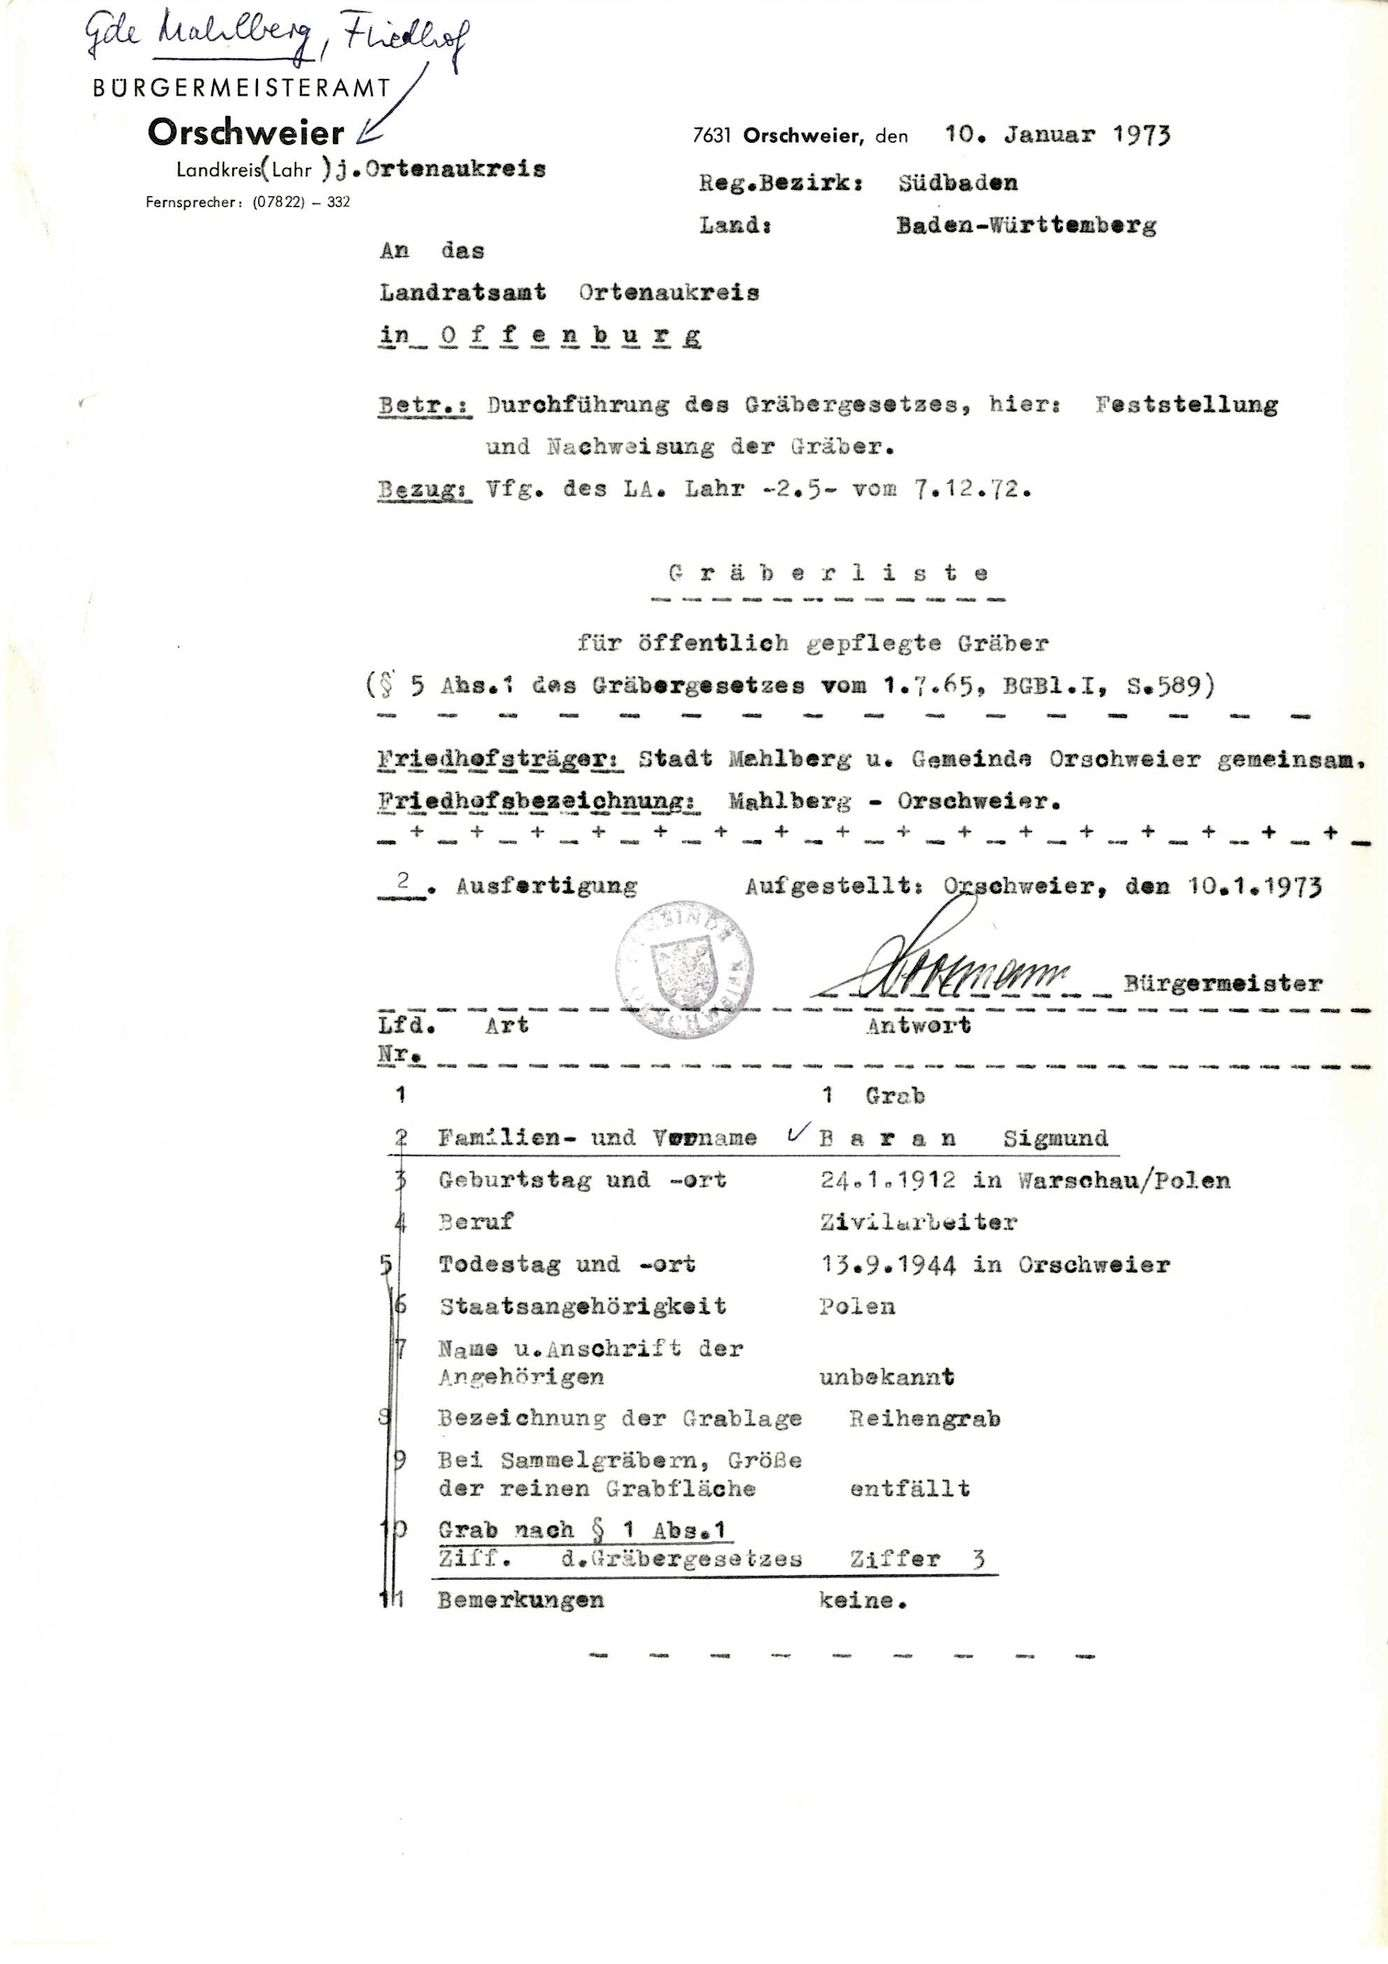 Orschweier, Bild 1